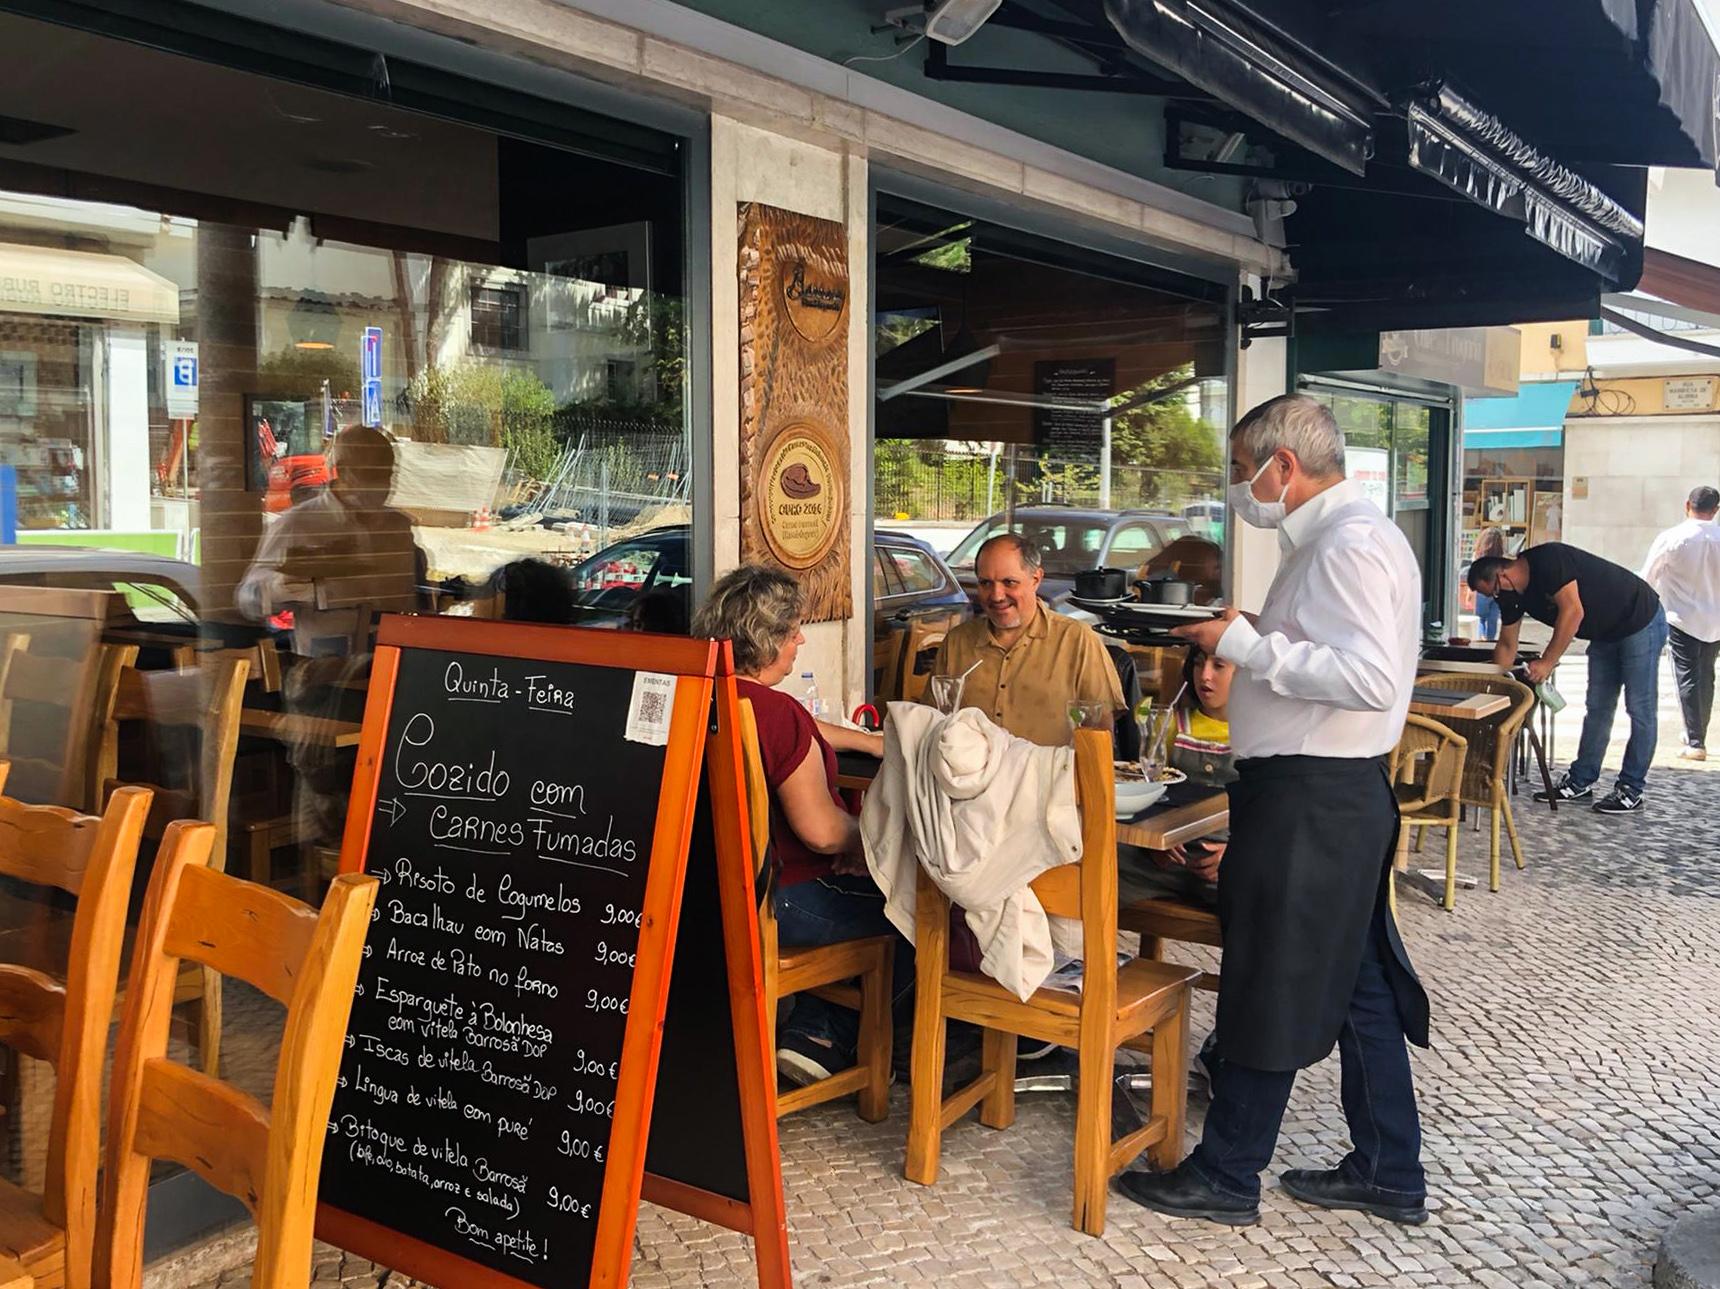 Restaurante Barrosã, Alvalade